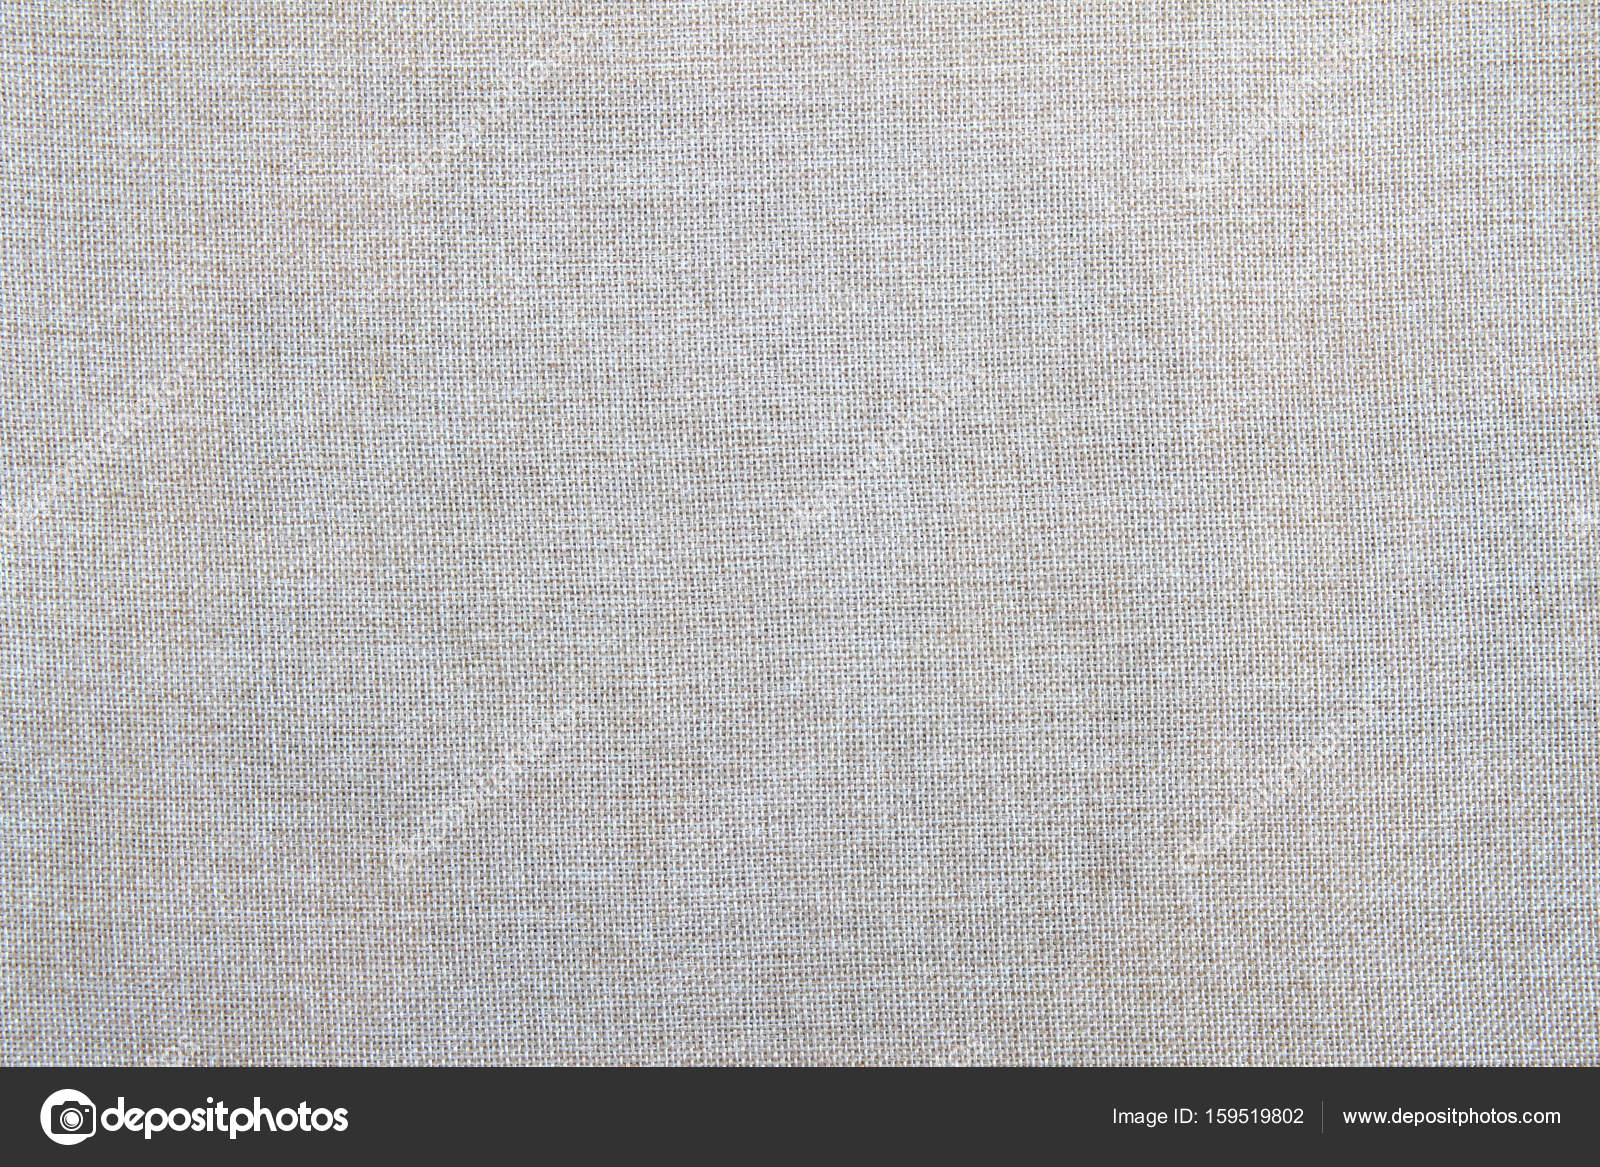 Diseo de textura de lino tejidos naturales Tela de saco de textura